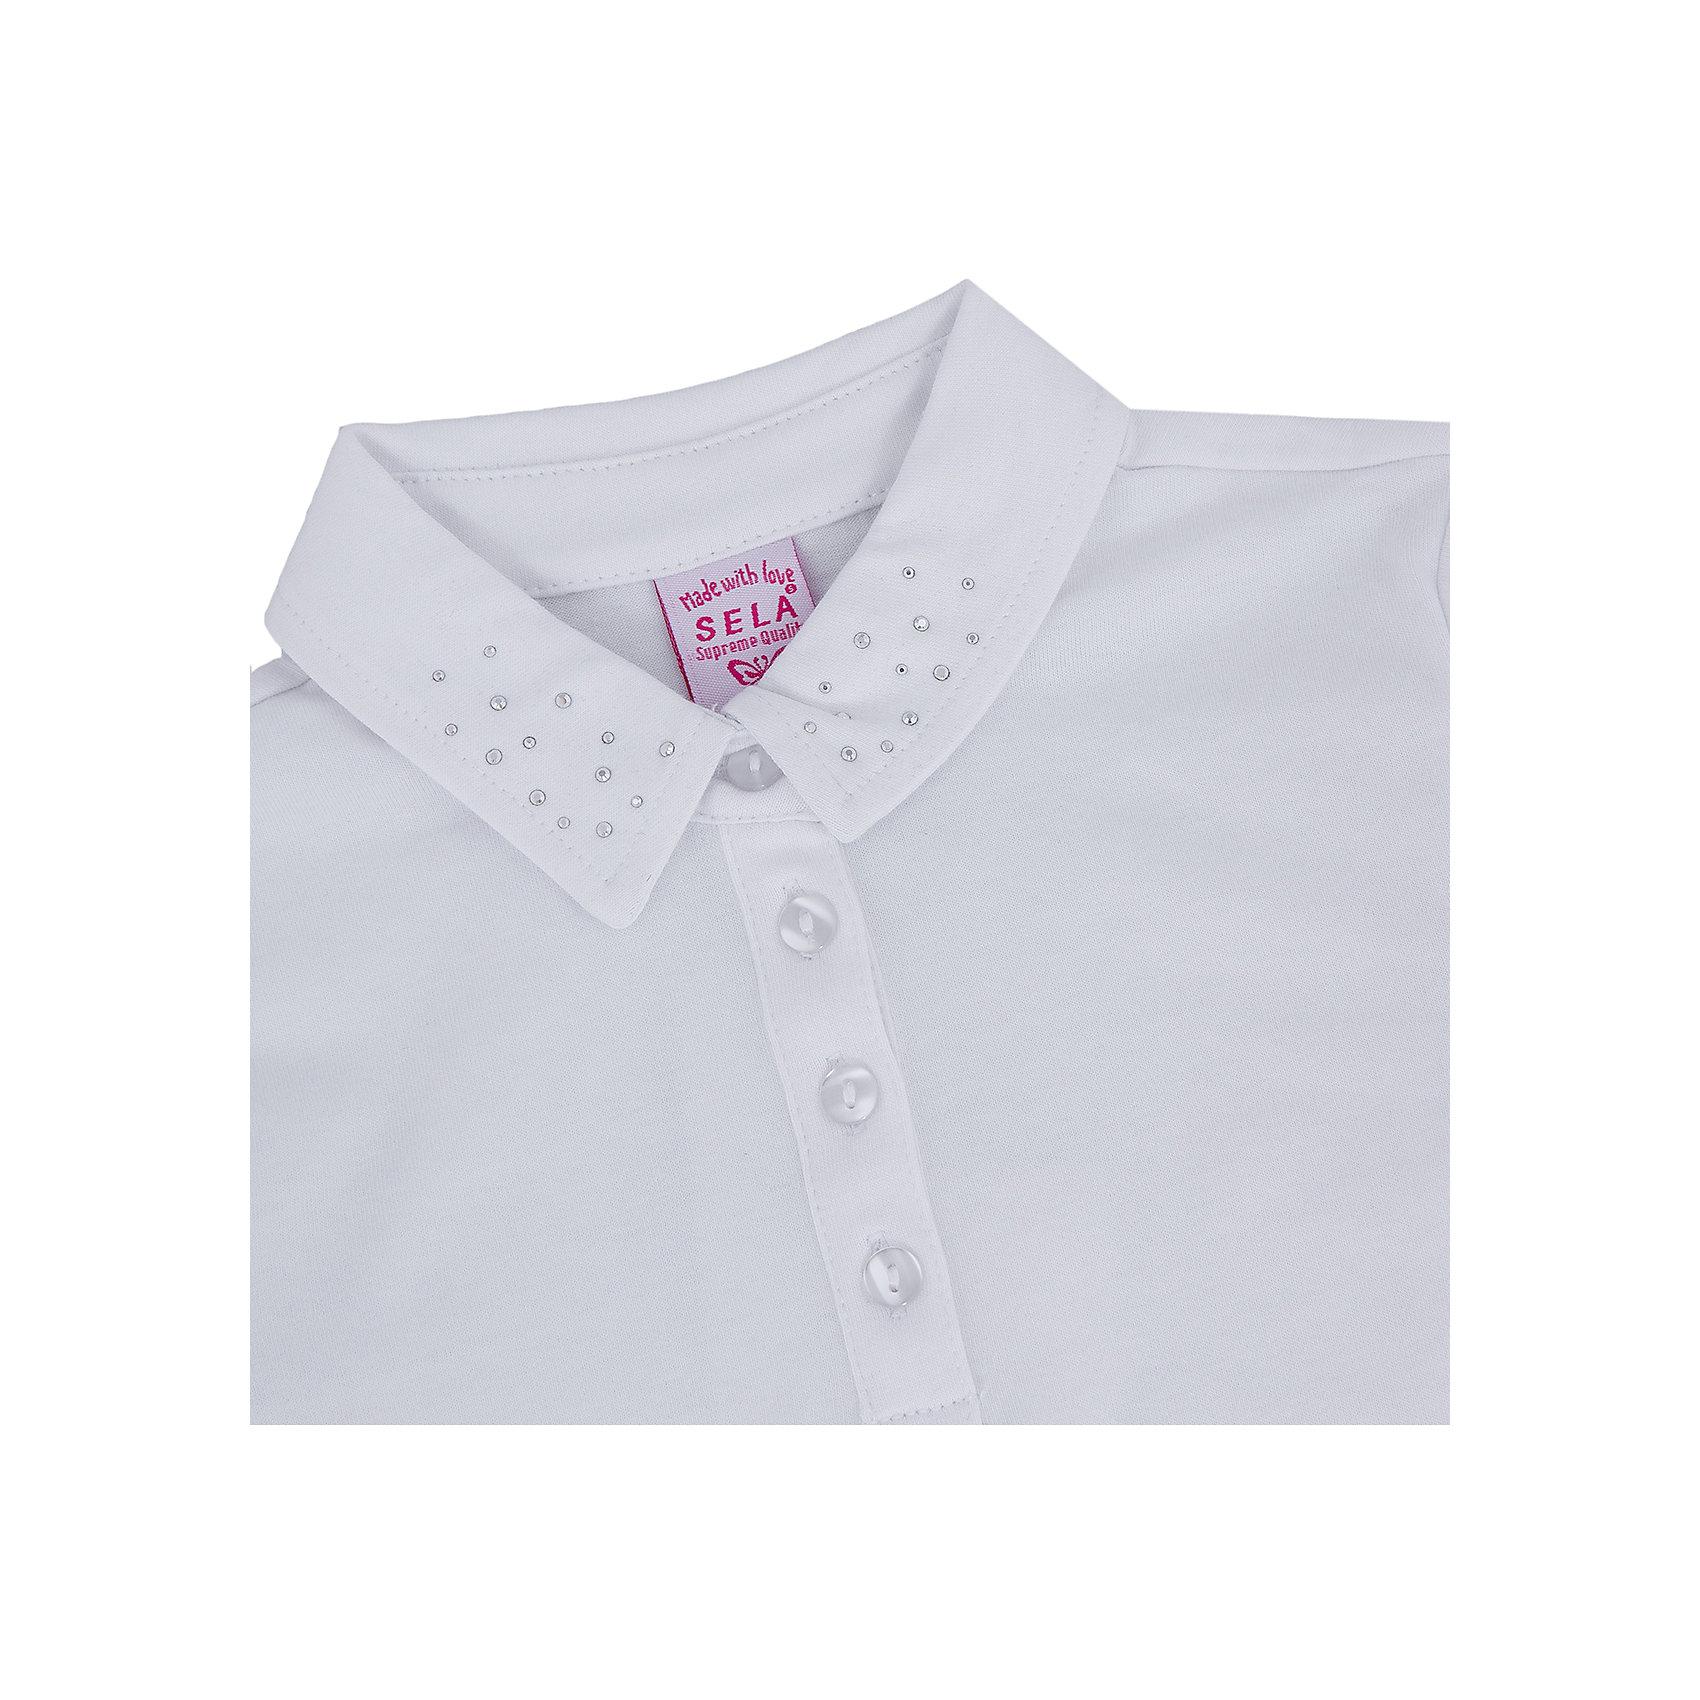 Блузка для девочки SELA от myToys